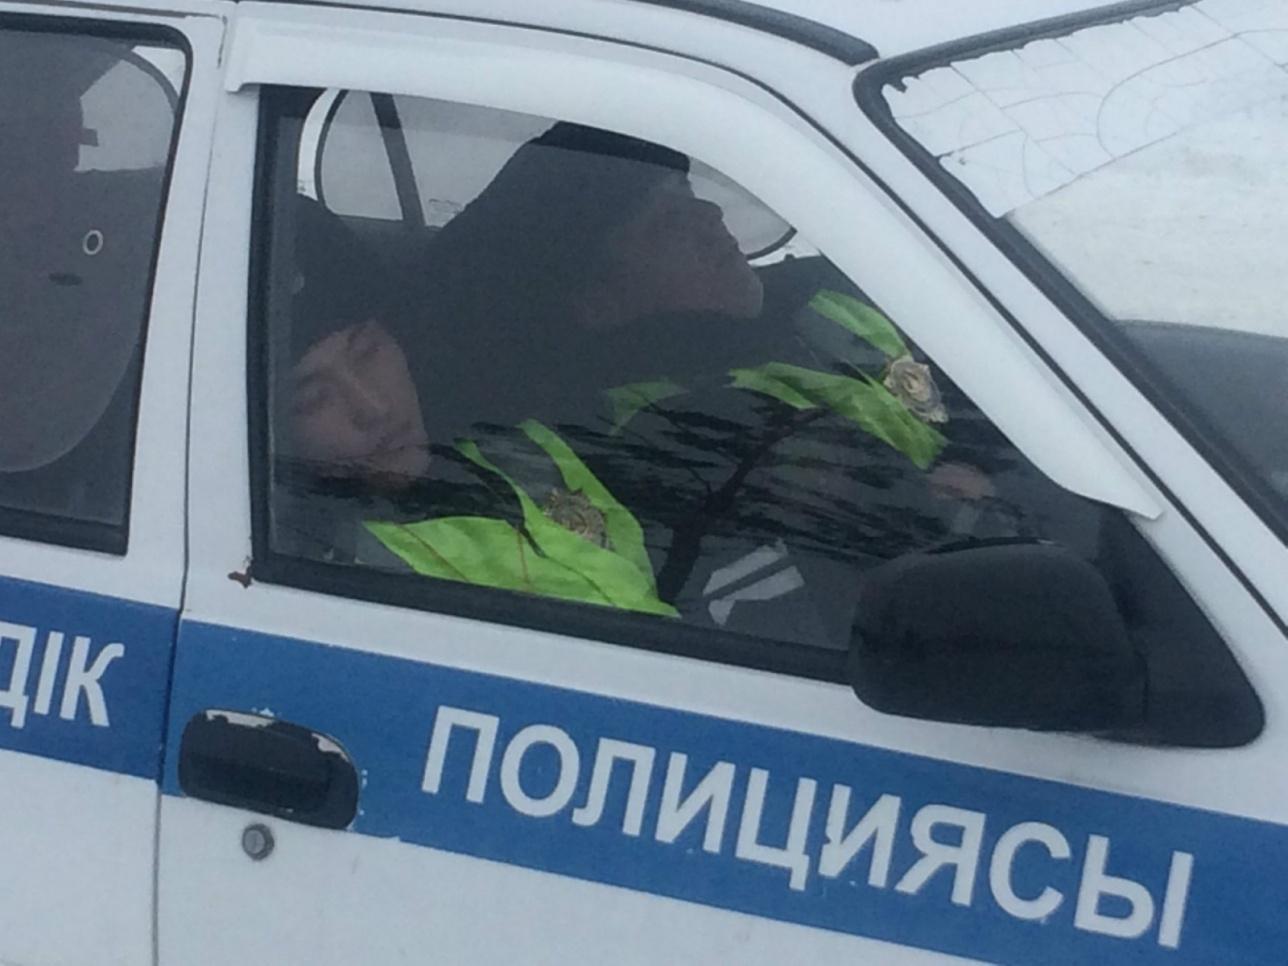 Вместо того, чтобы охранять место сбора людей, полицейские спали в машине